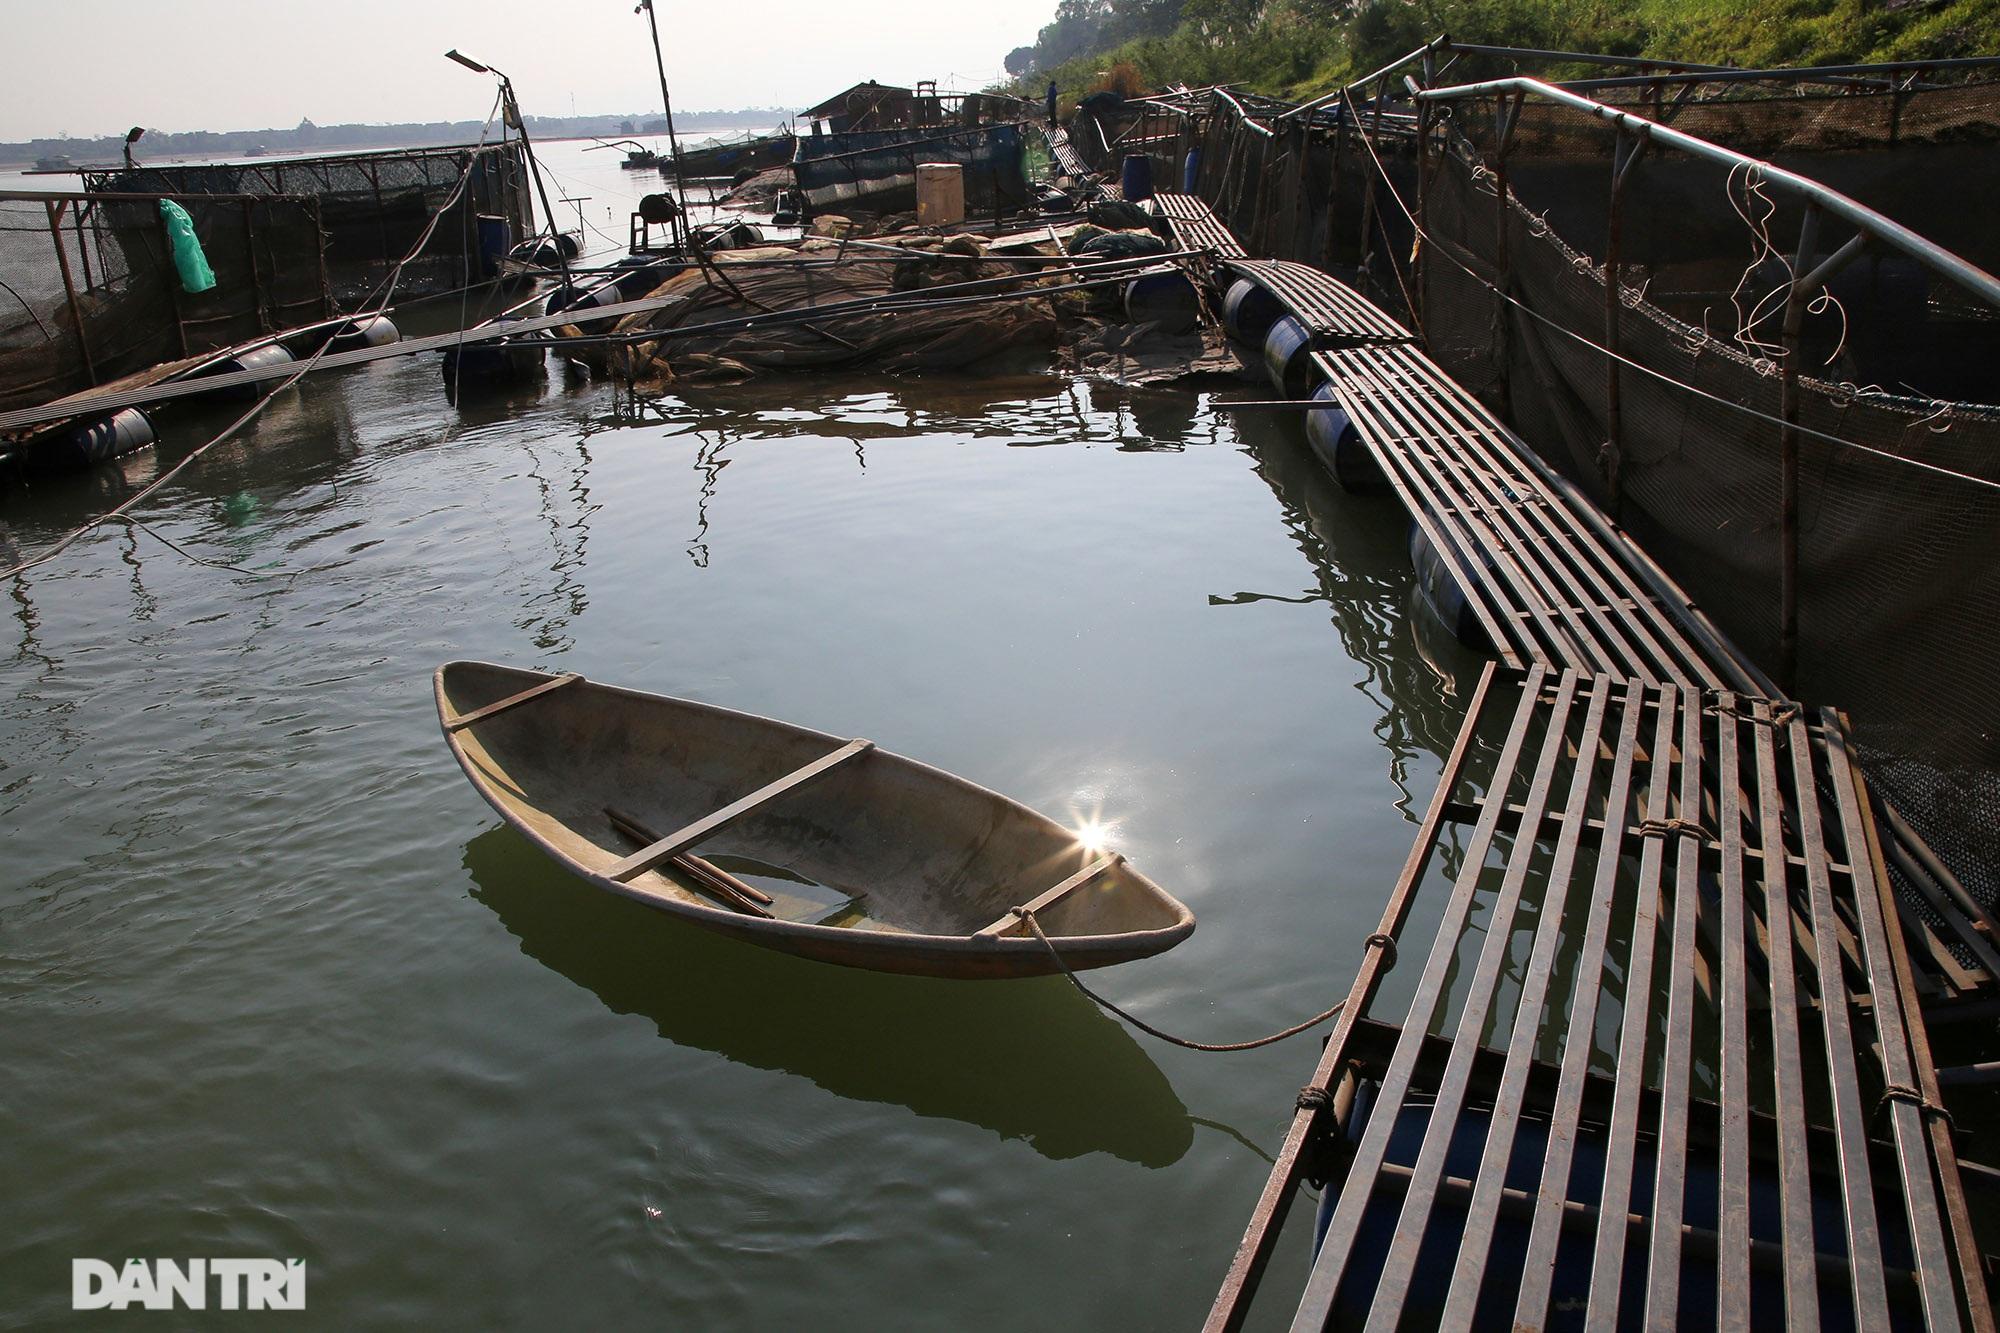 Sông Đà cạn trơ đáy, nông dân hối hả bơm cát cứu cá - 12